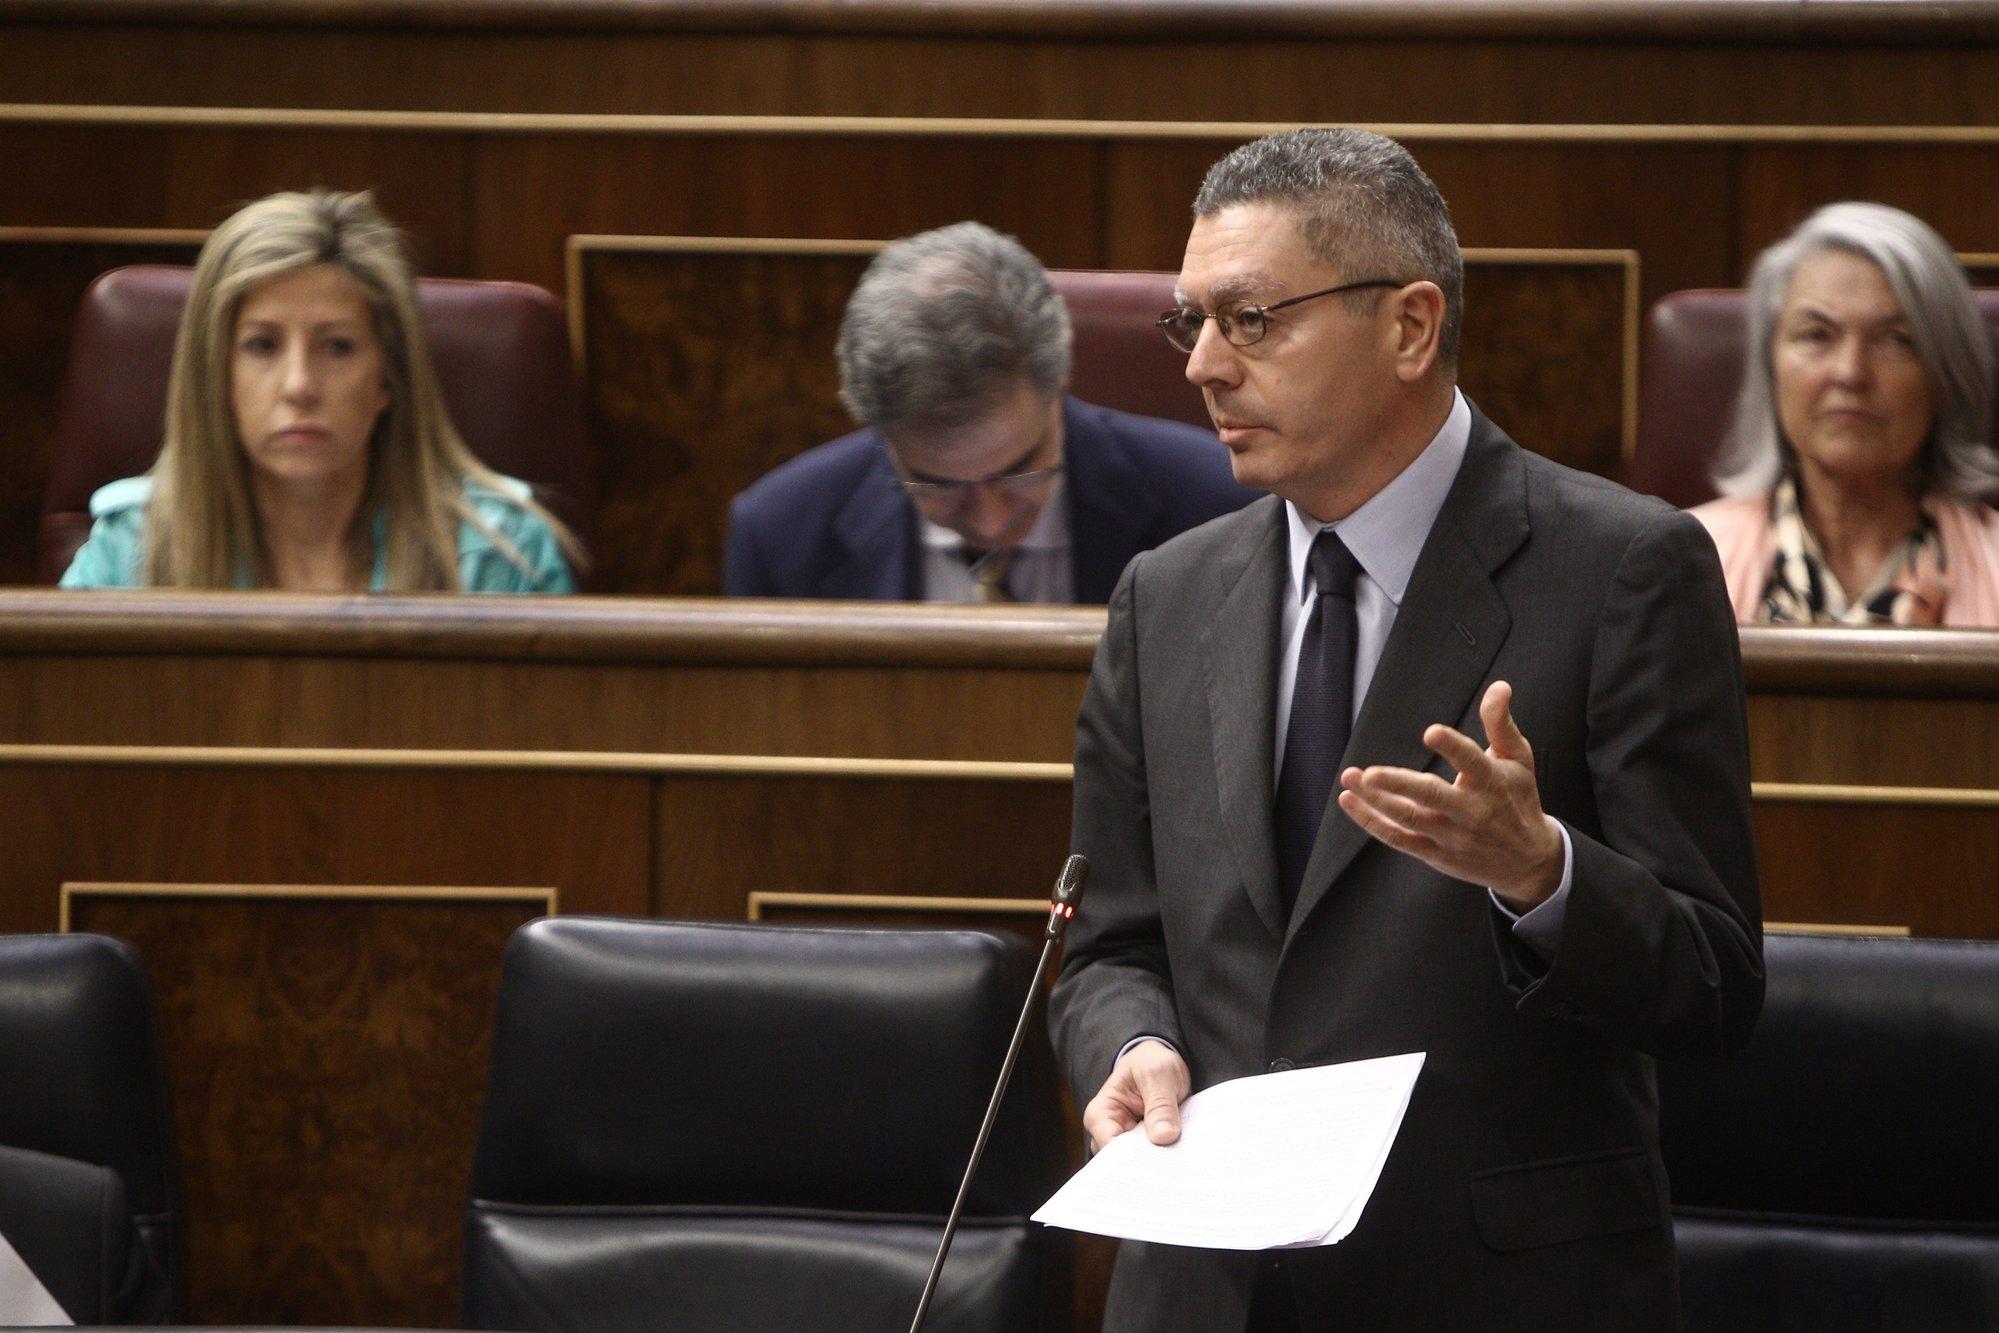 El PSOE exige a Gallardón que se disculpe por «mentir» en el Congreso sobre el recorte de partidos judiciales